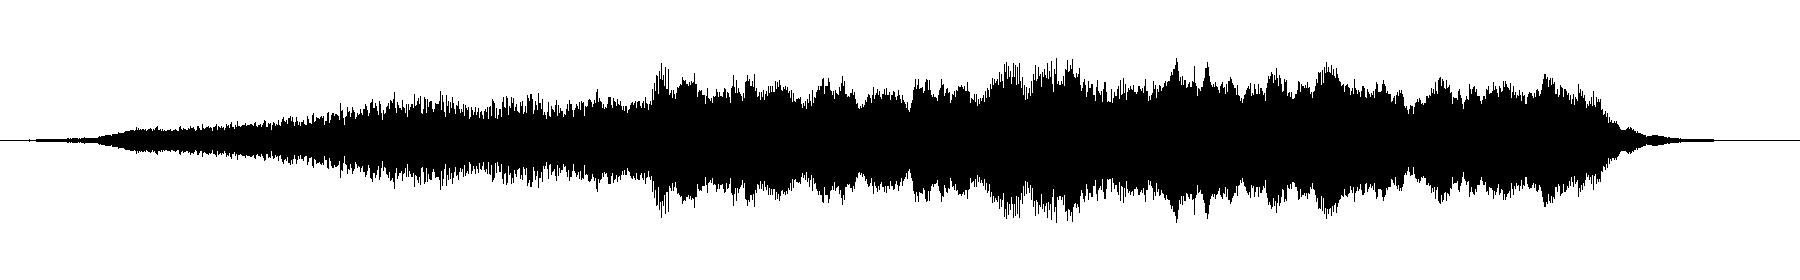 str glissoct 02 xc